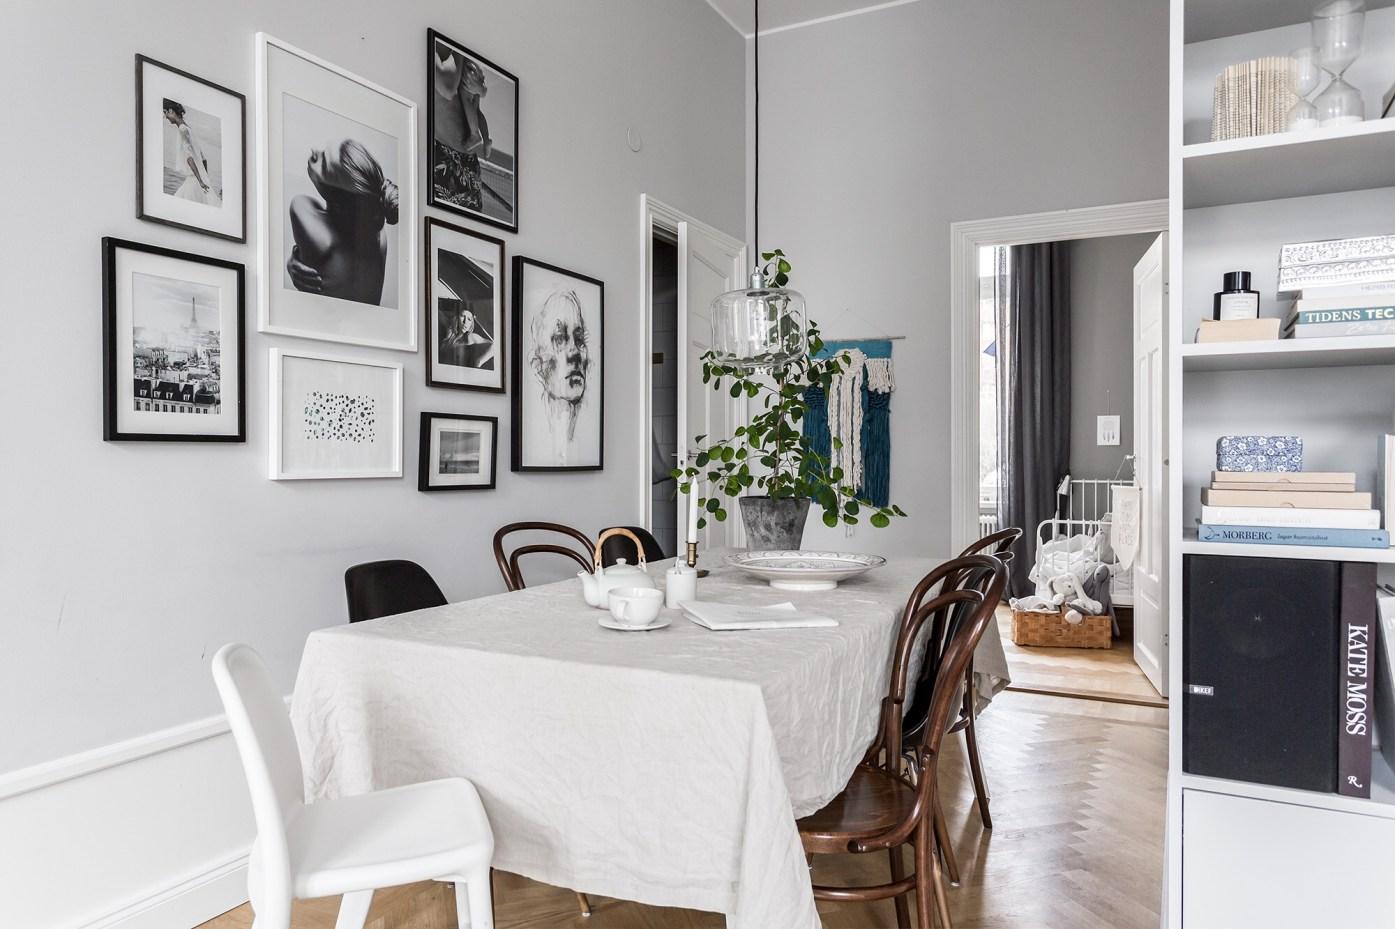 обеденный стол скатерть стулья